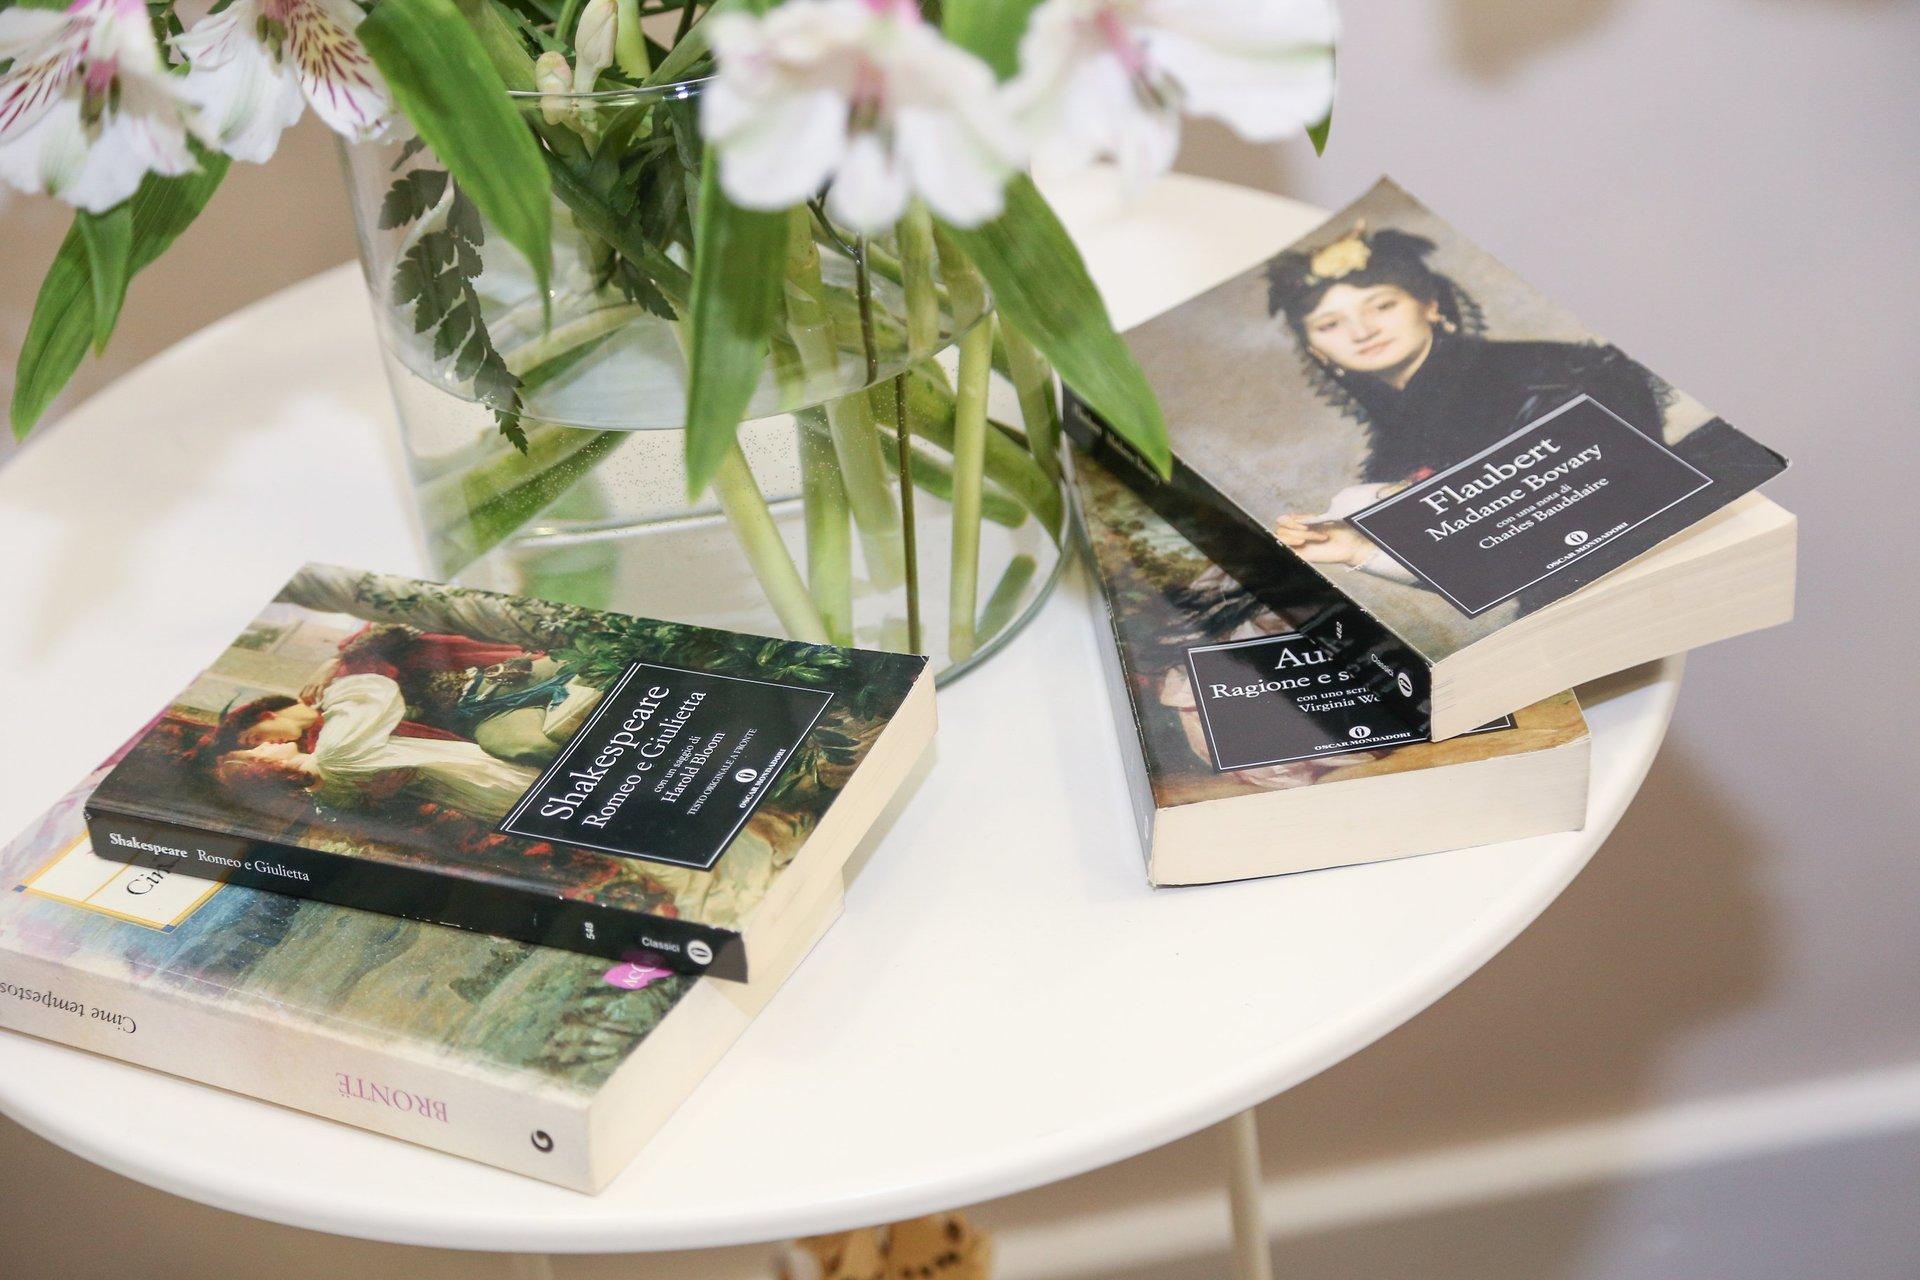 dettaglio del tavolino del salone con delle riviste